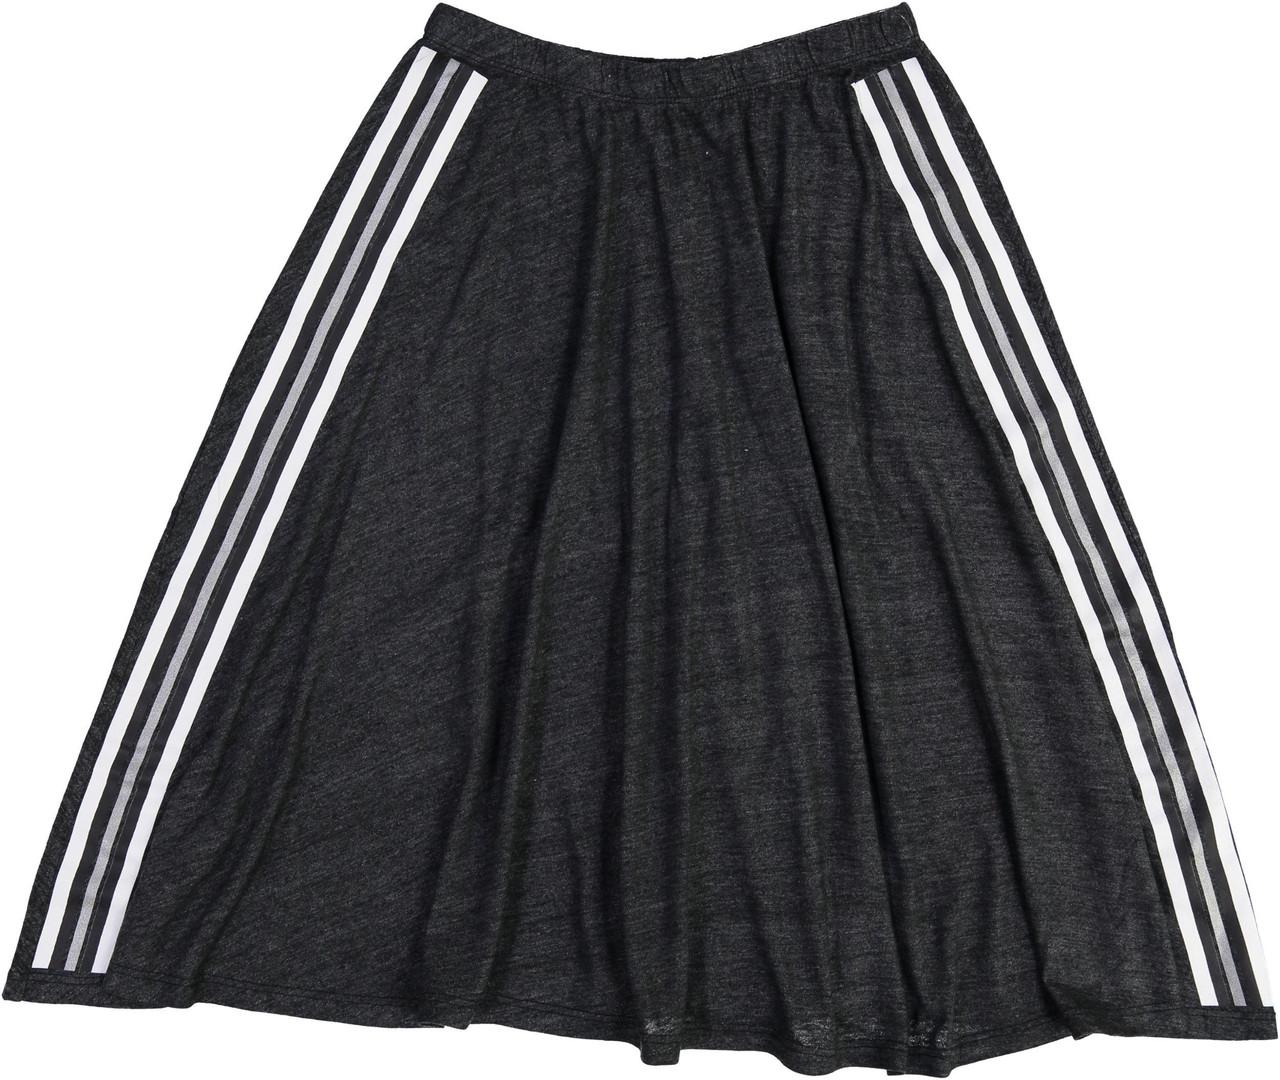 So Nikki Girls Stripe Skirt - 1257K-P670